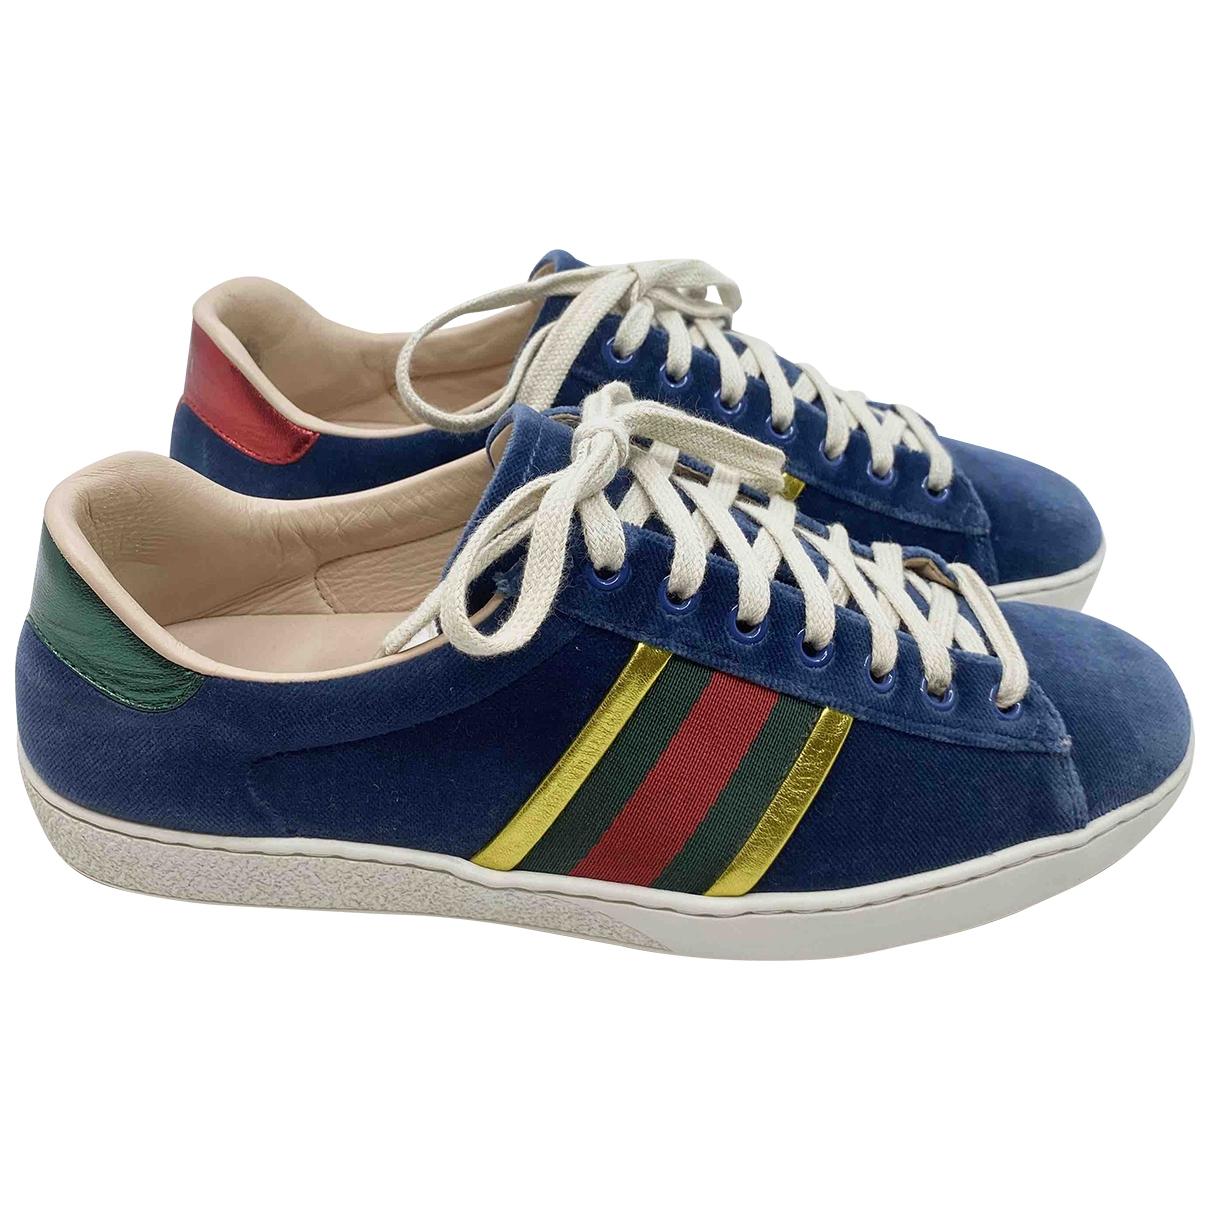 Gucci - Baskets Ace pour femme en suede - bleu